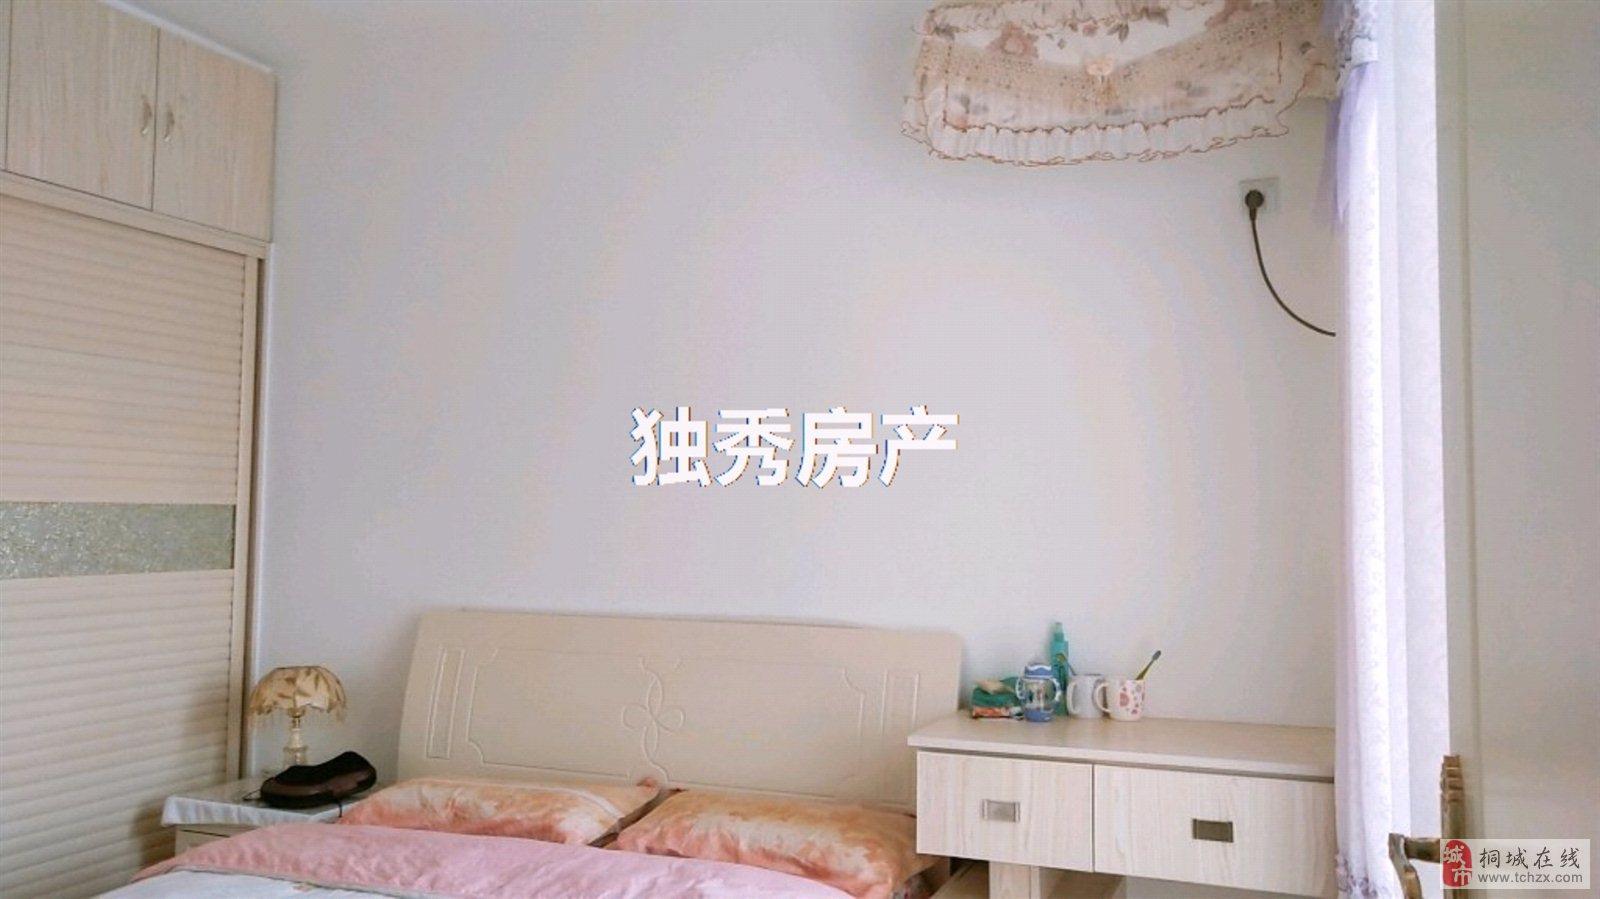 龙腾锦绣城精装二室楼层适中采光佳交通便利